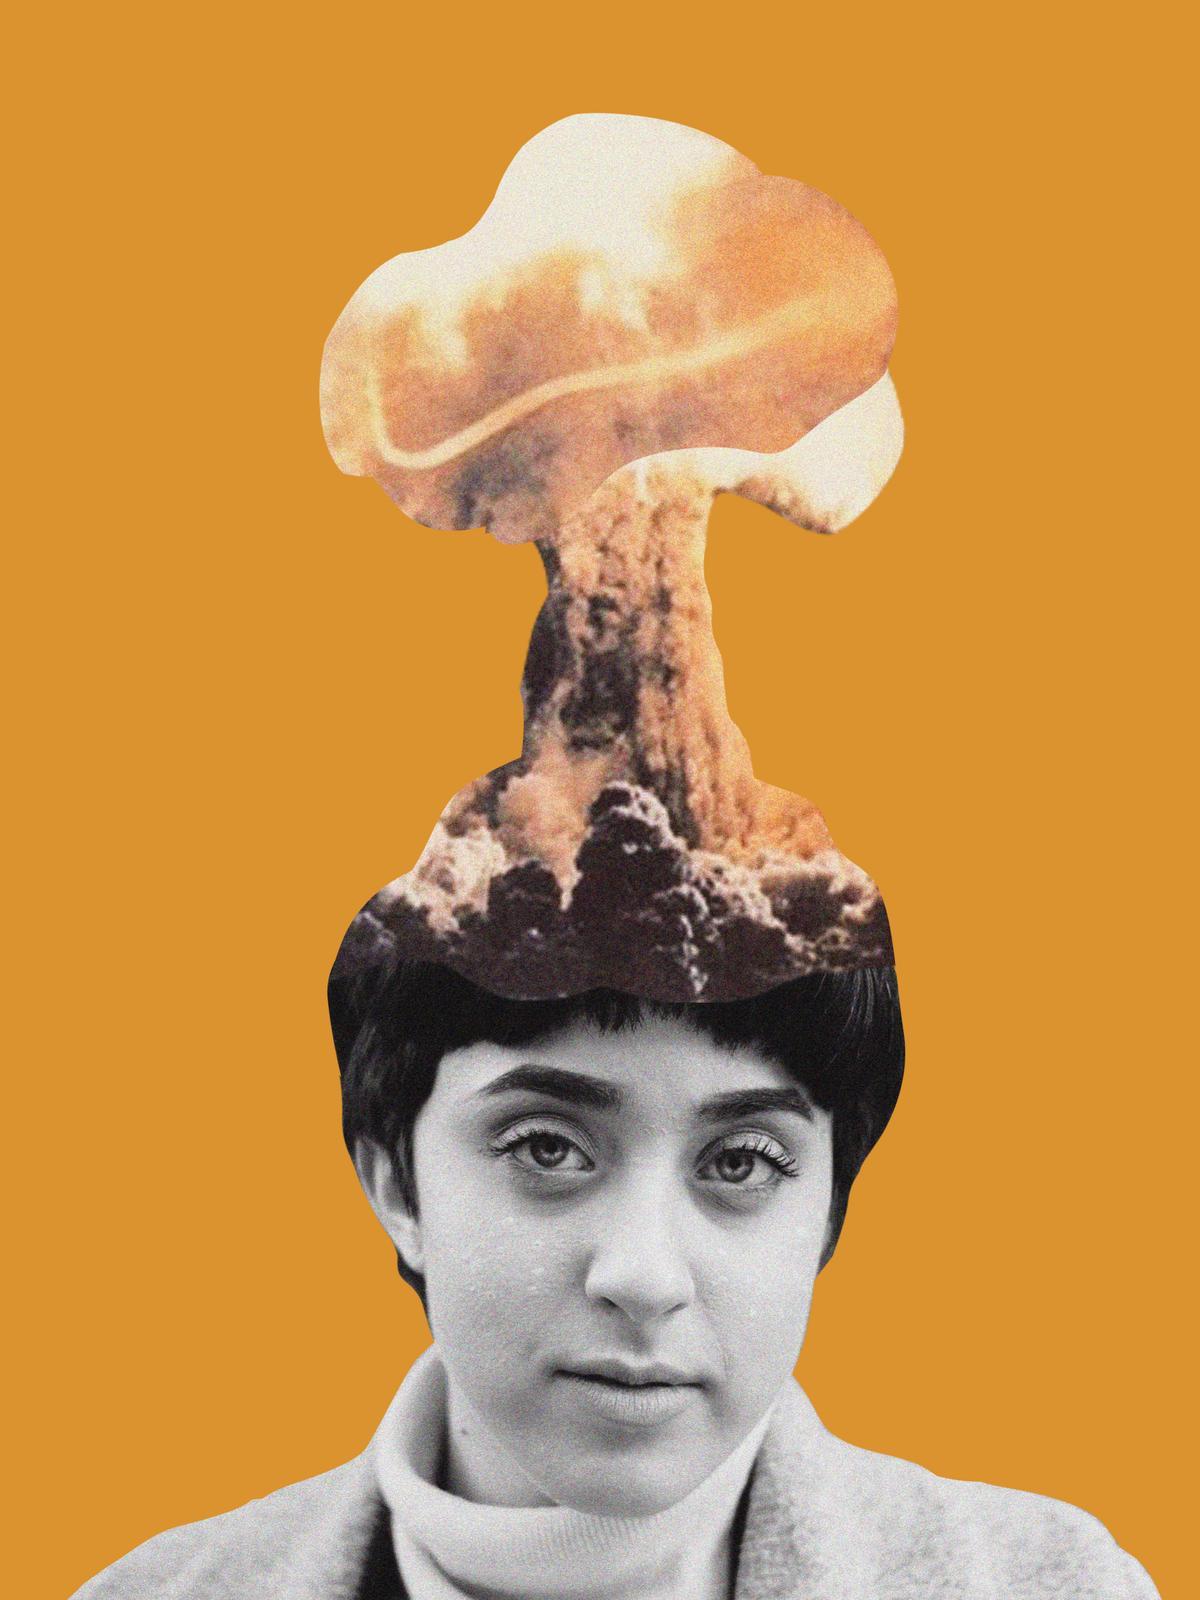 Eine Frau, der ein Feuerschwall aus dem Kopf kommt